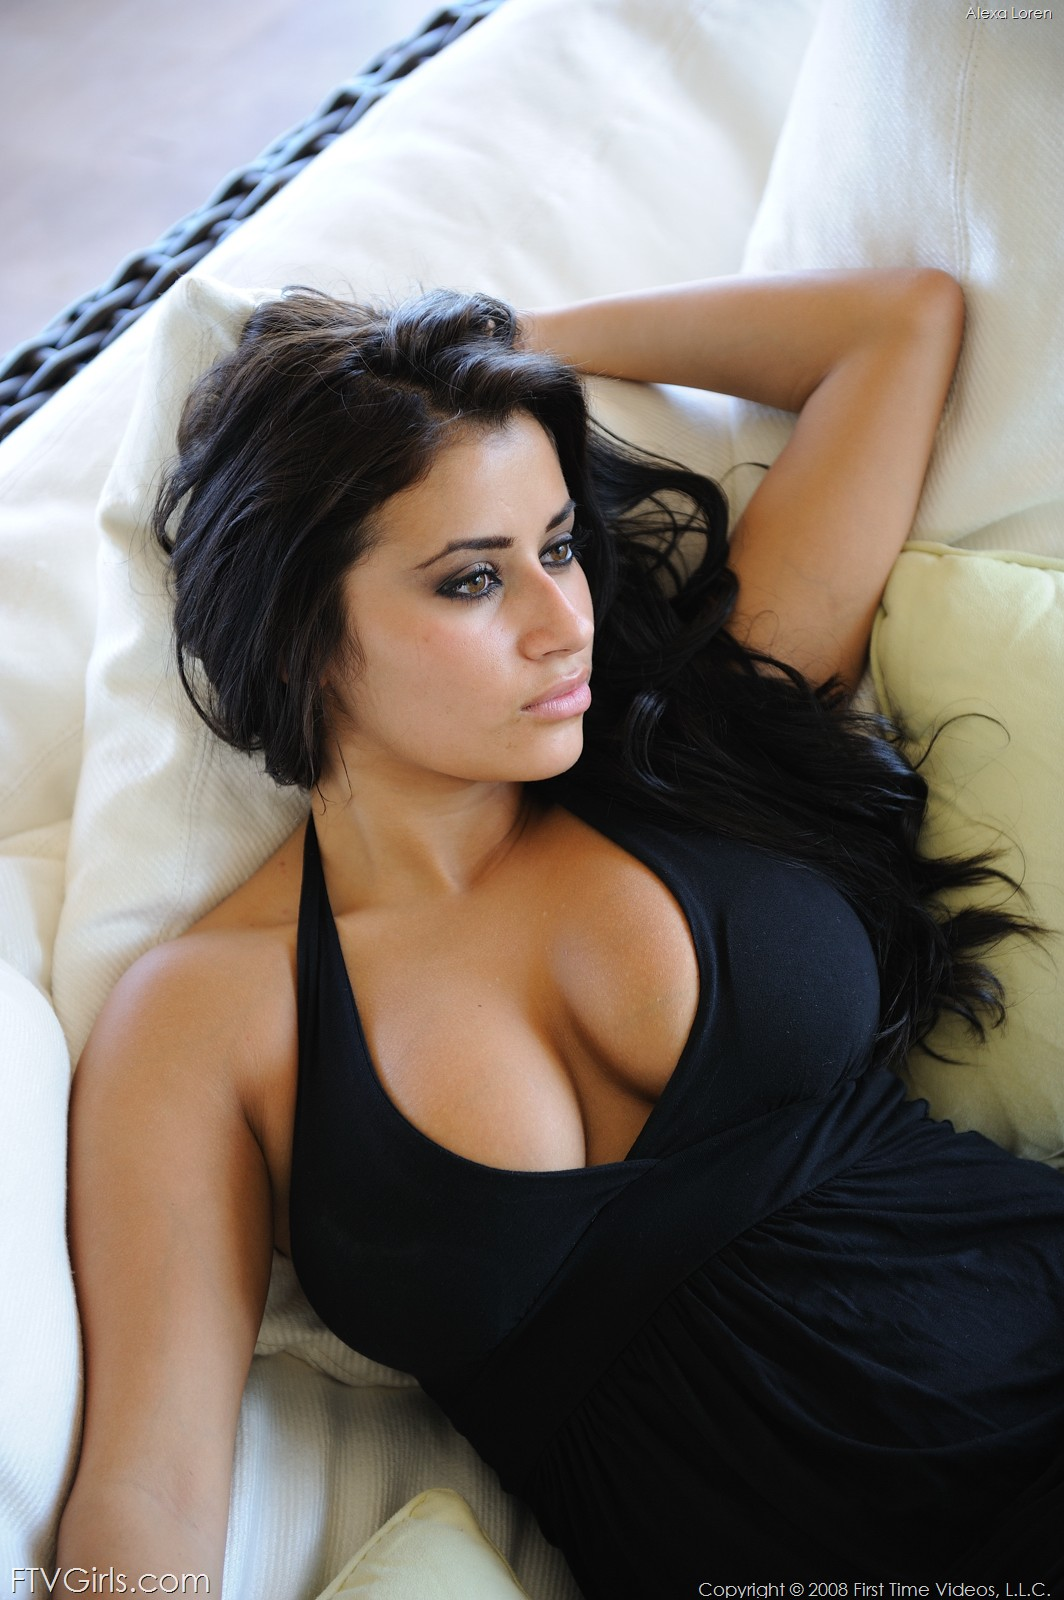 Латино-американка показывает большую грудь  456606